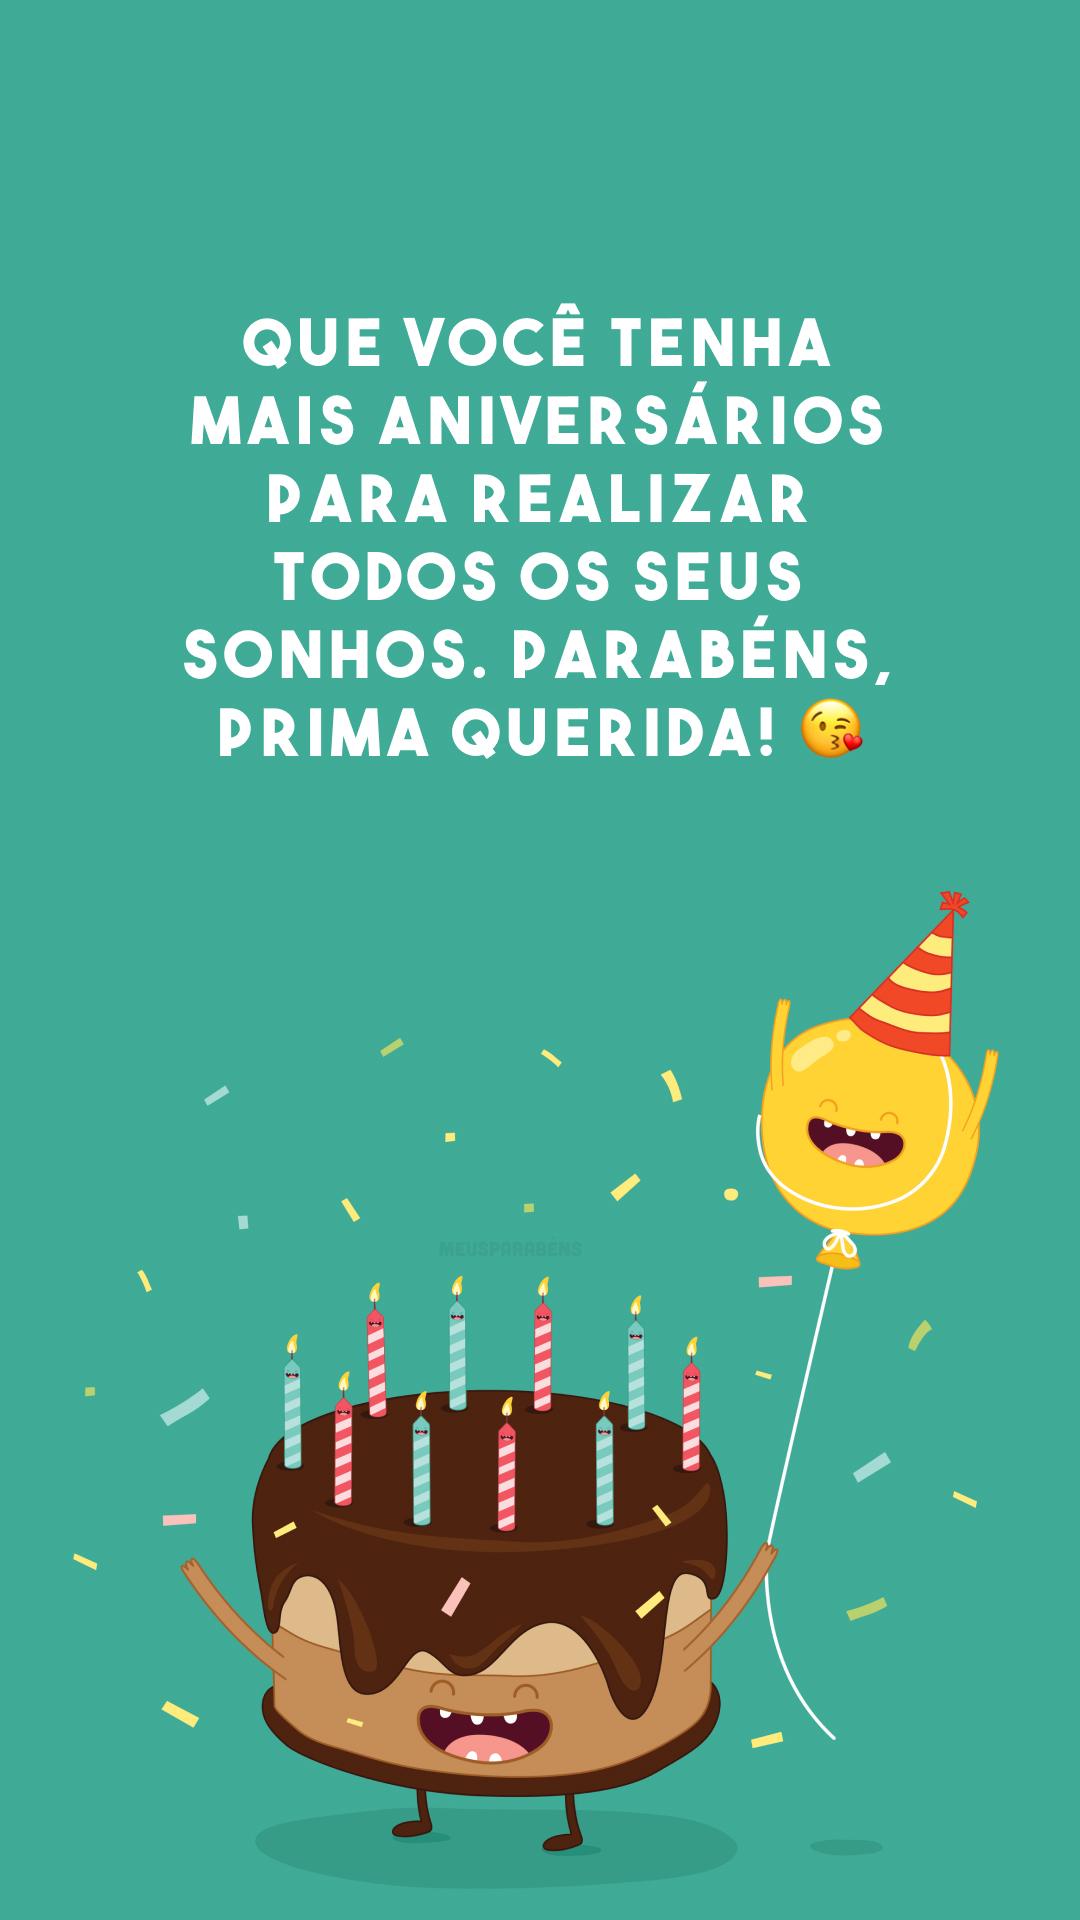 Que você tenha mais aniversários para realizar todos os seus sonhos. Parabéns, prima querida! 😘